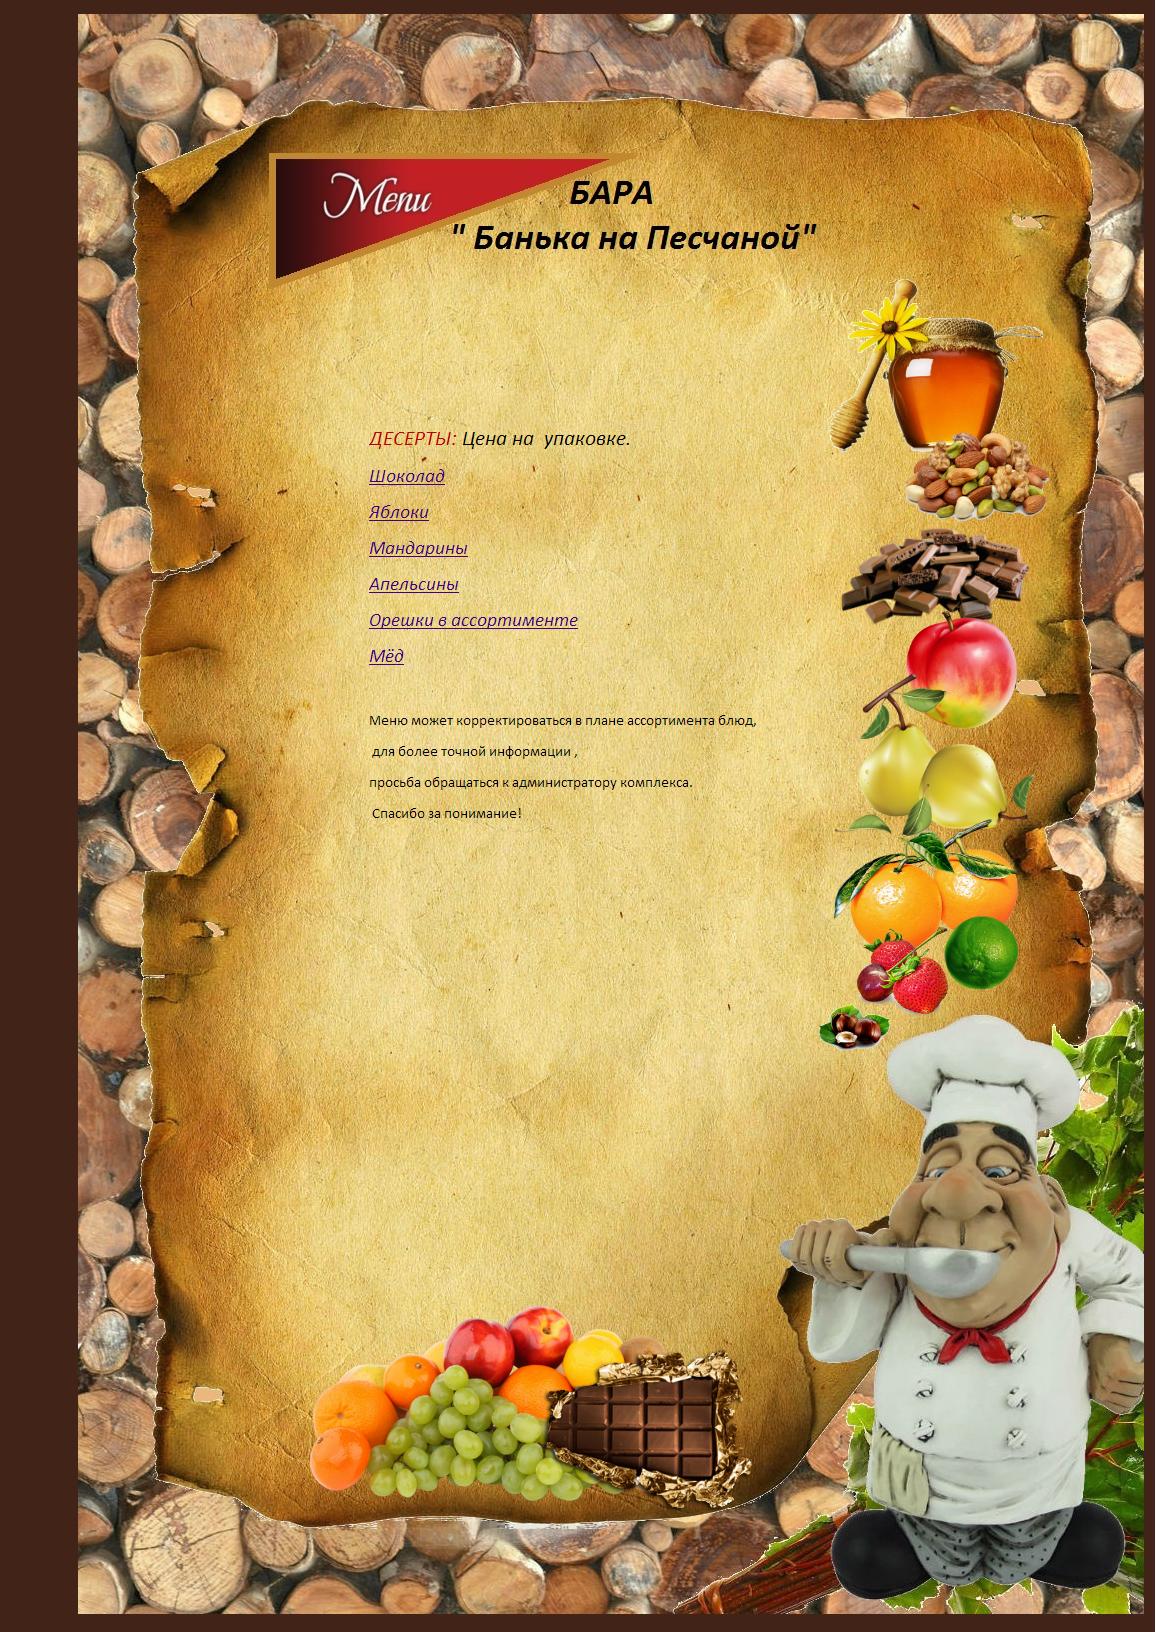 Пятая страница